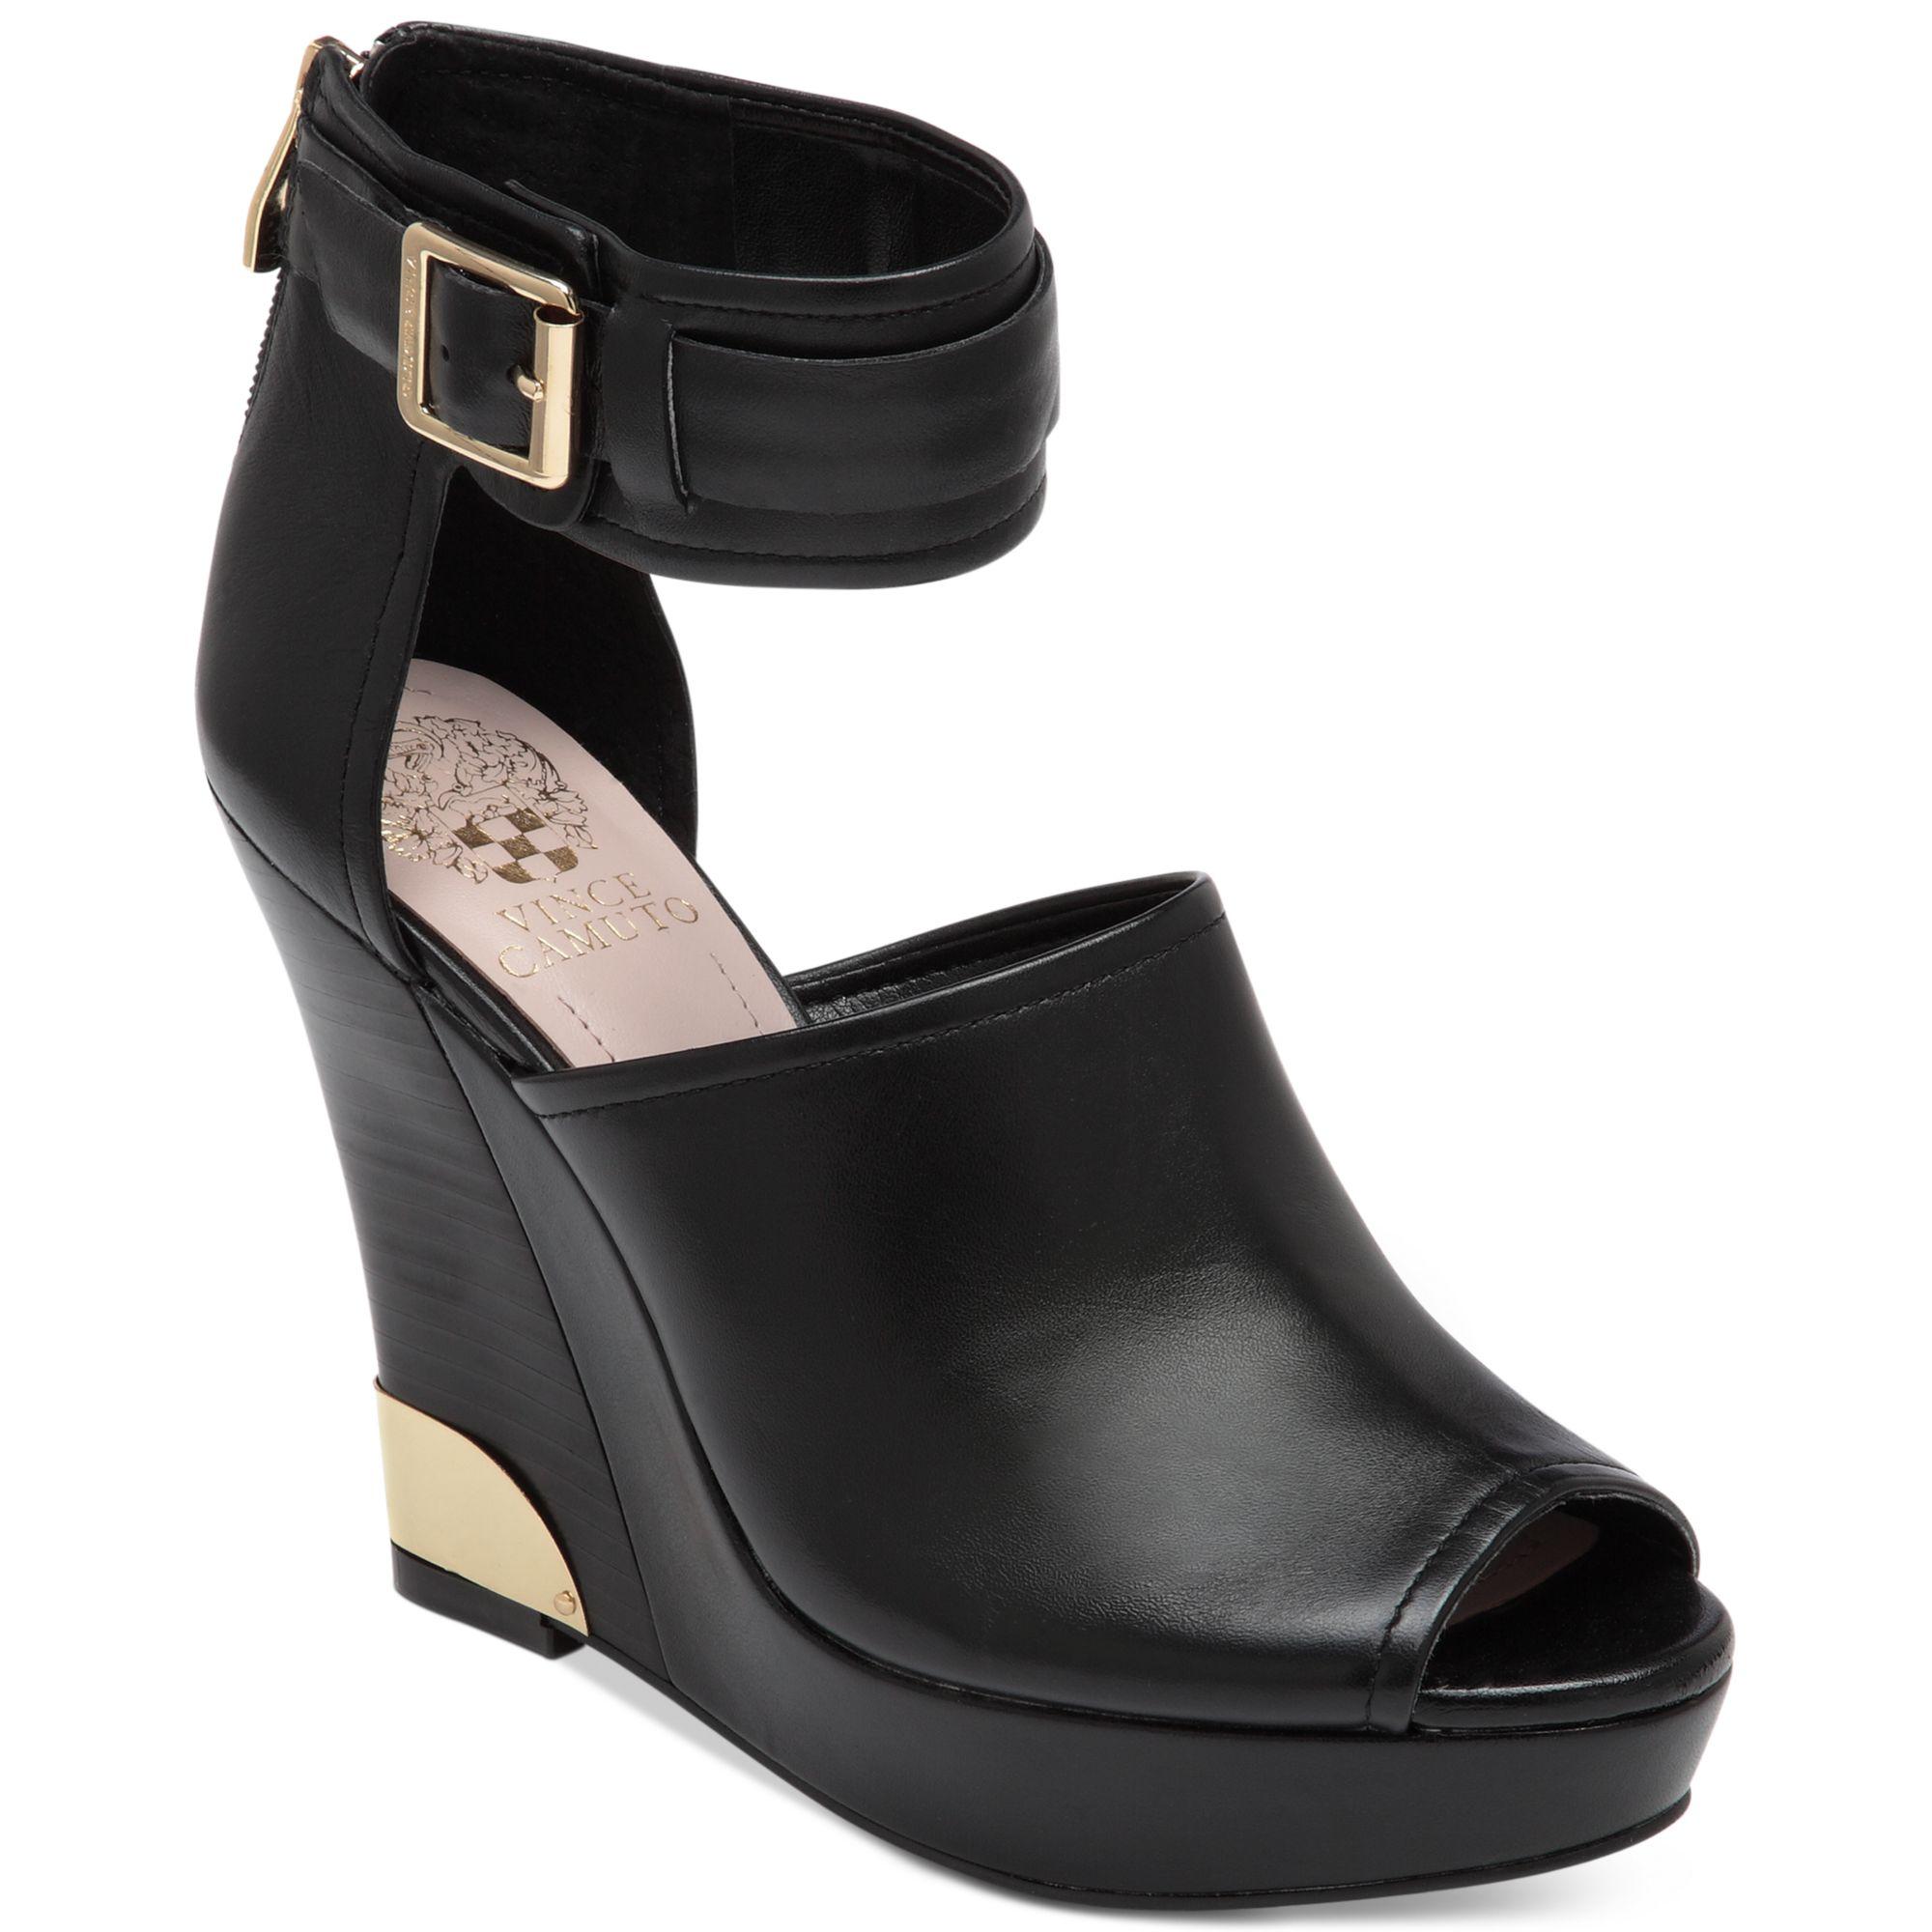 Vince Camuto Wiver Platform Wedge Sandals In Black Black